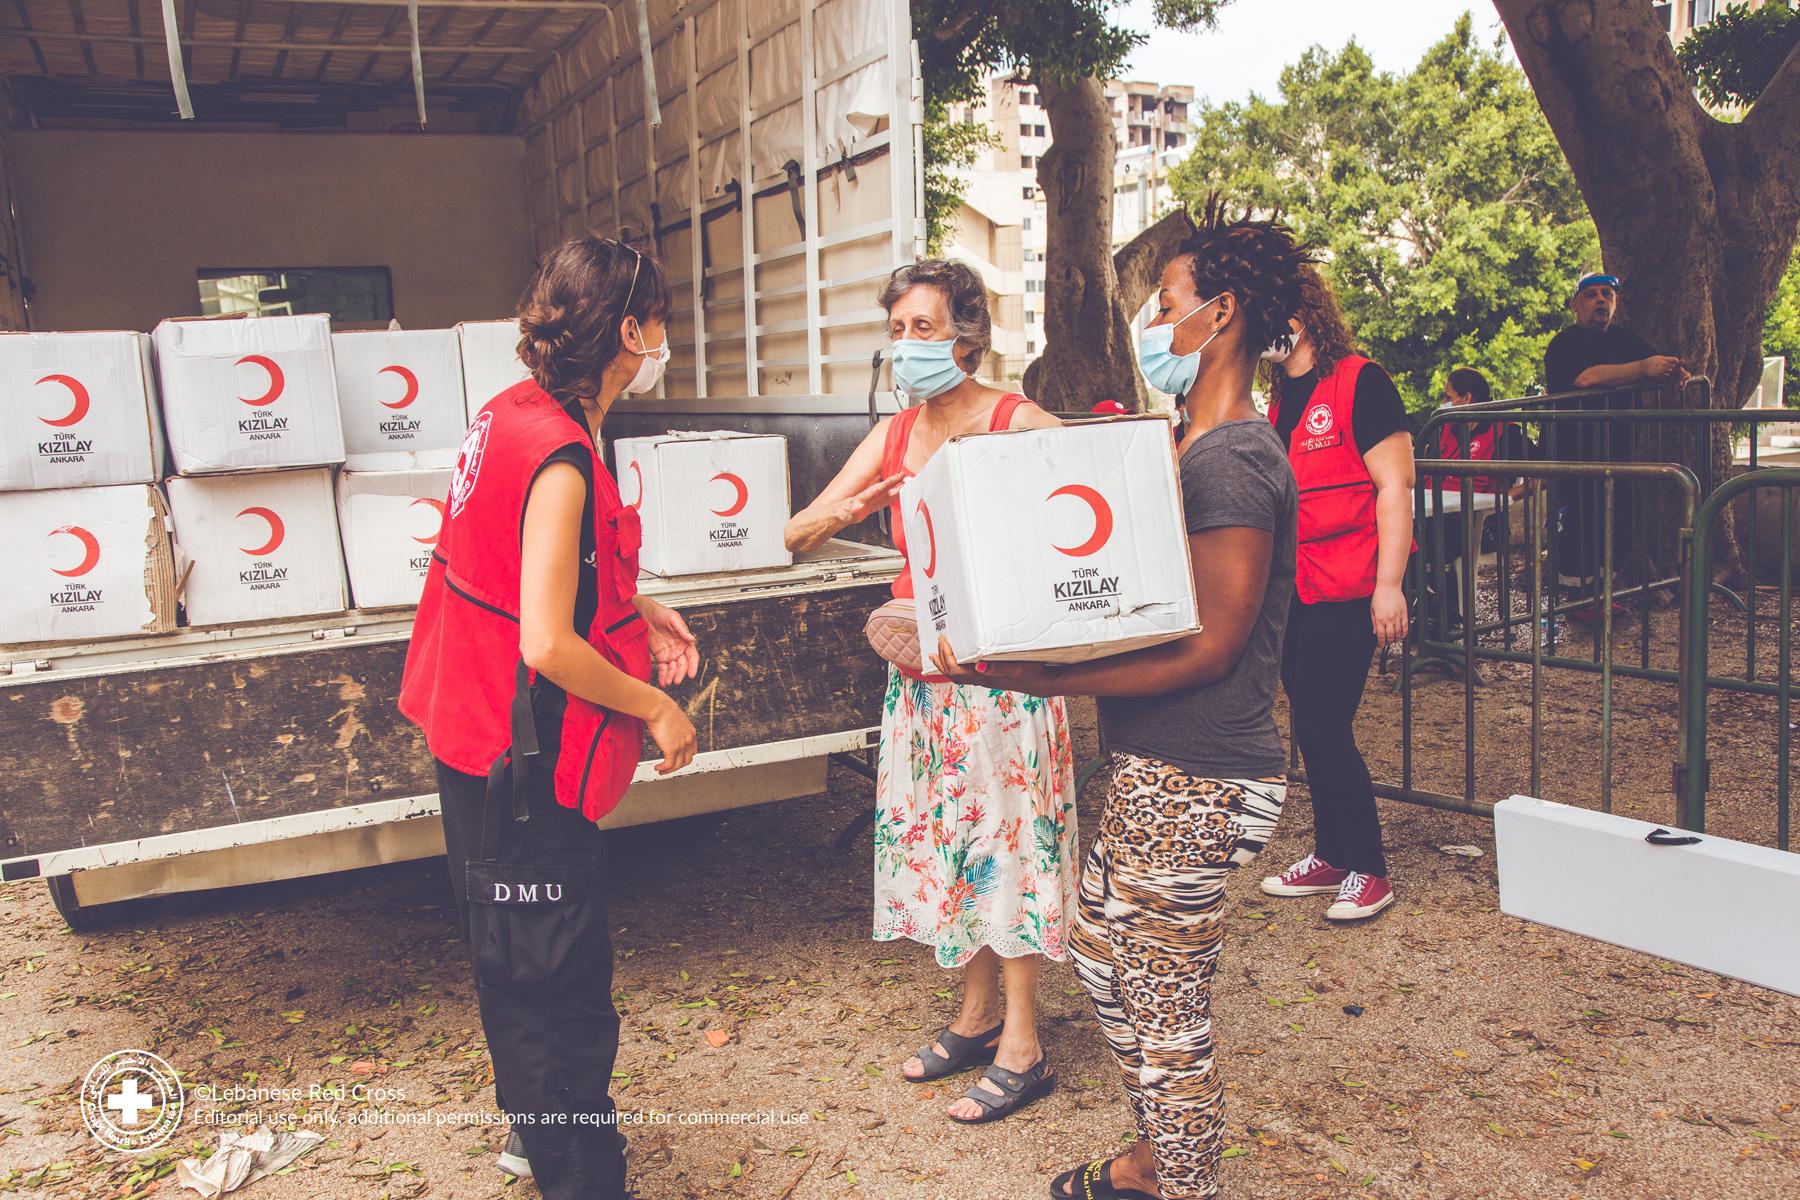 Des bénévoles de la Croix-Rouge libanaise distribuent des colis alimentaires aux personnes touchées par l'explosion. © Croix-Rouge libanaise